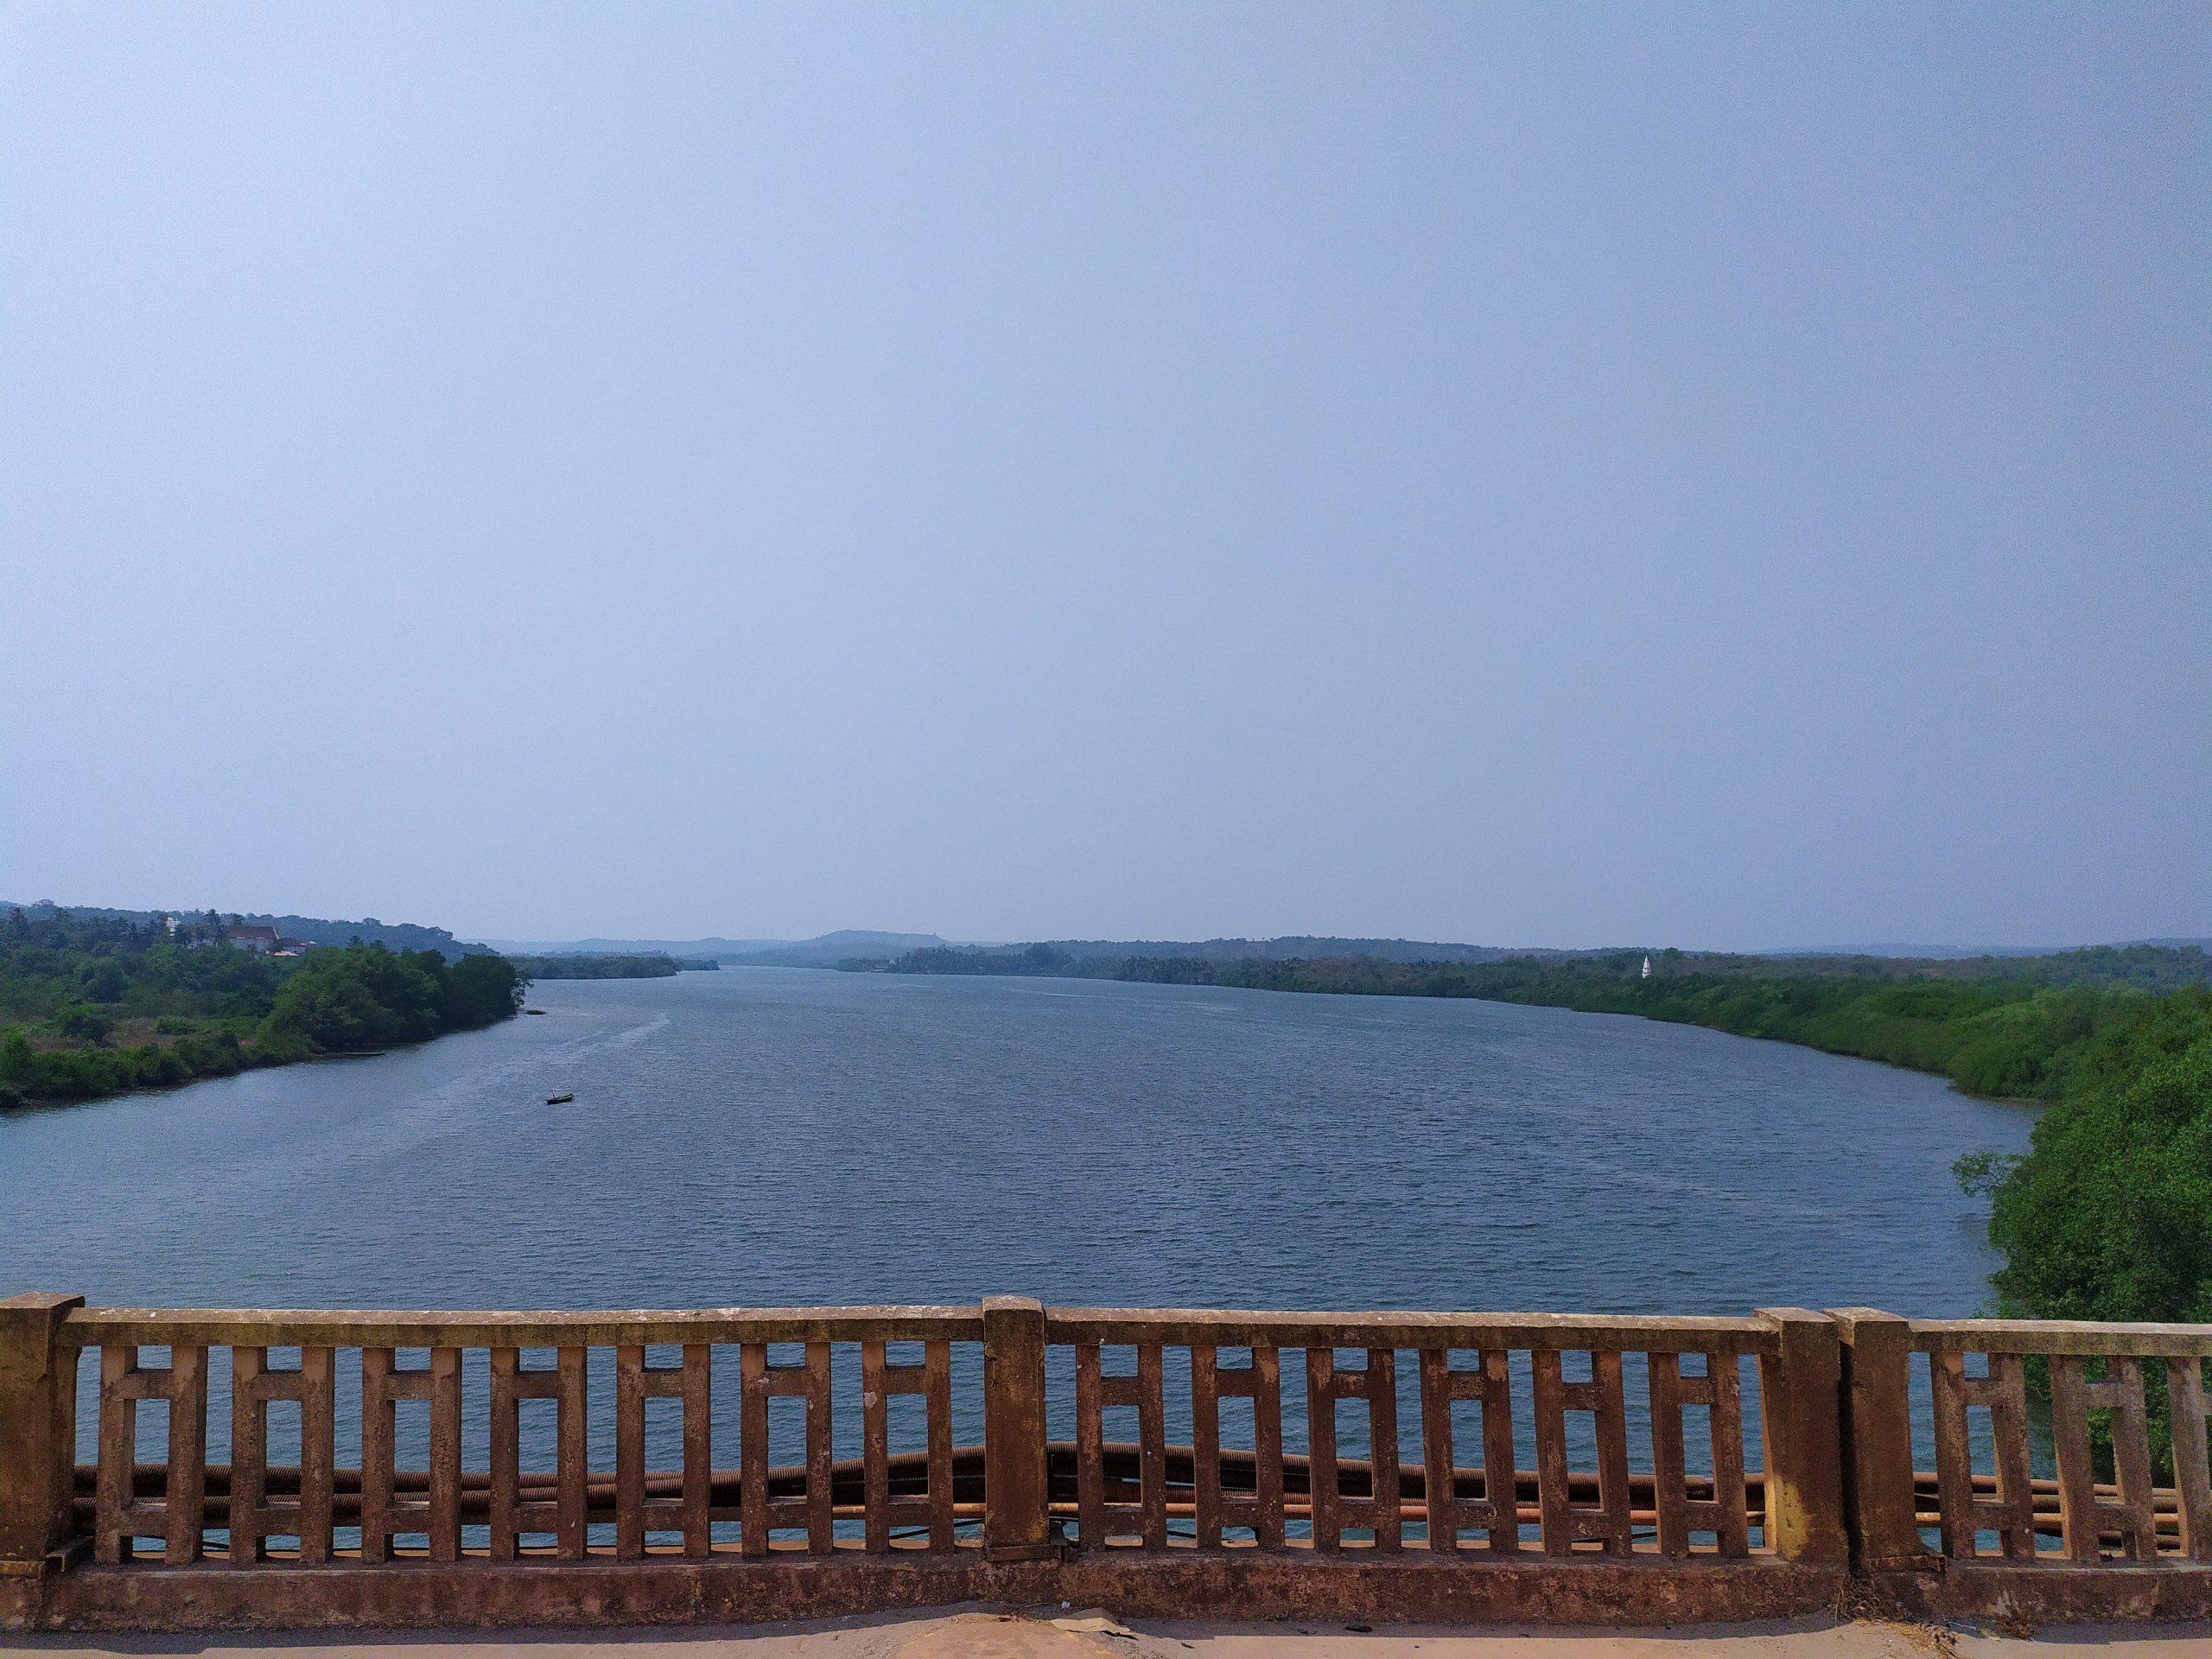 A river view form a bridge